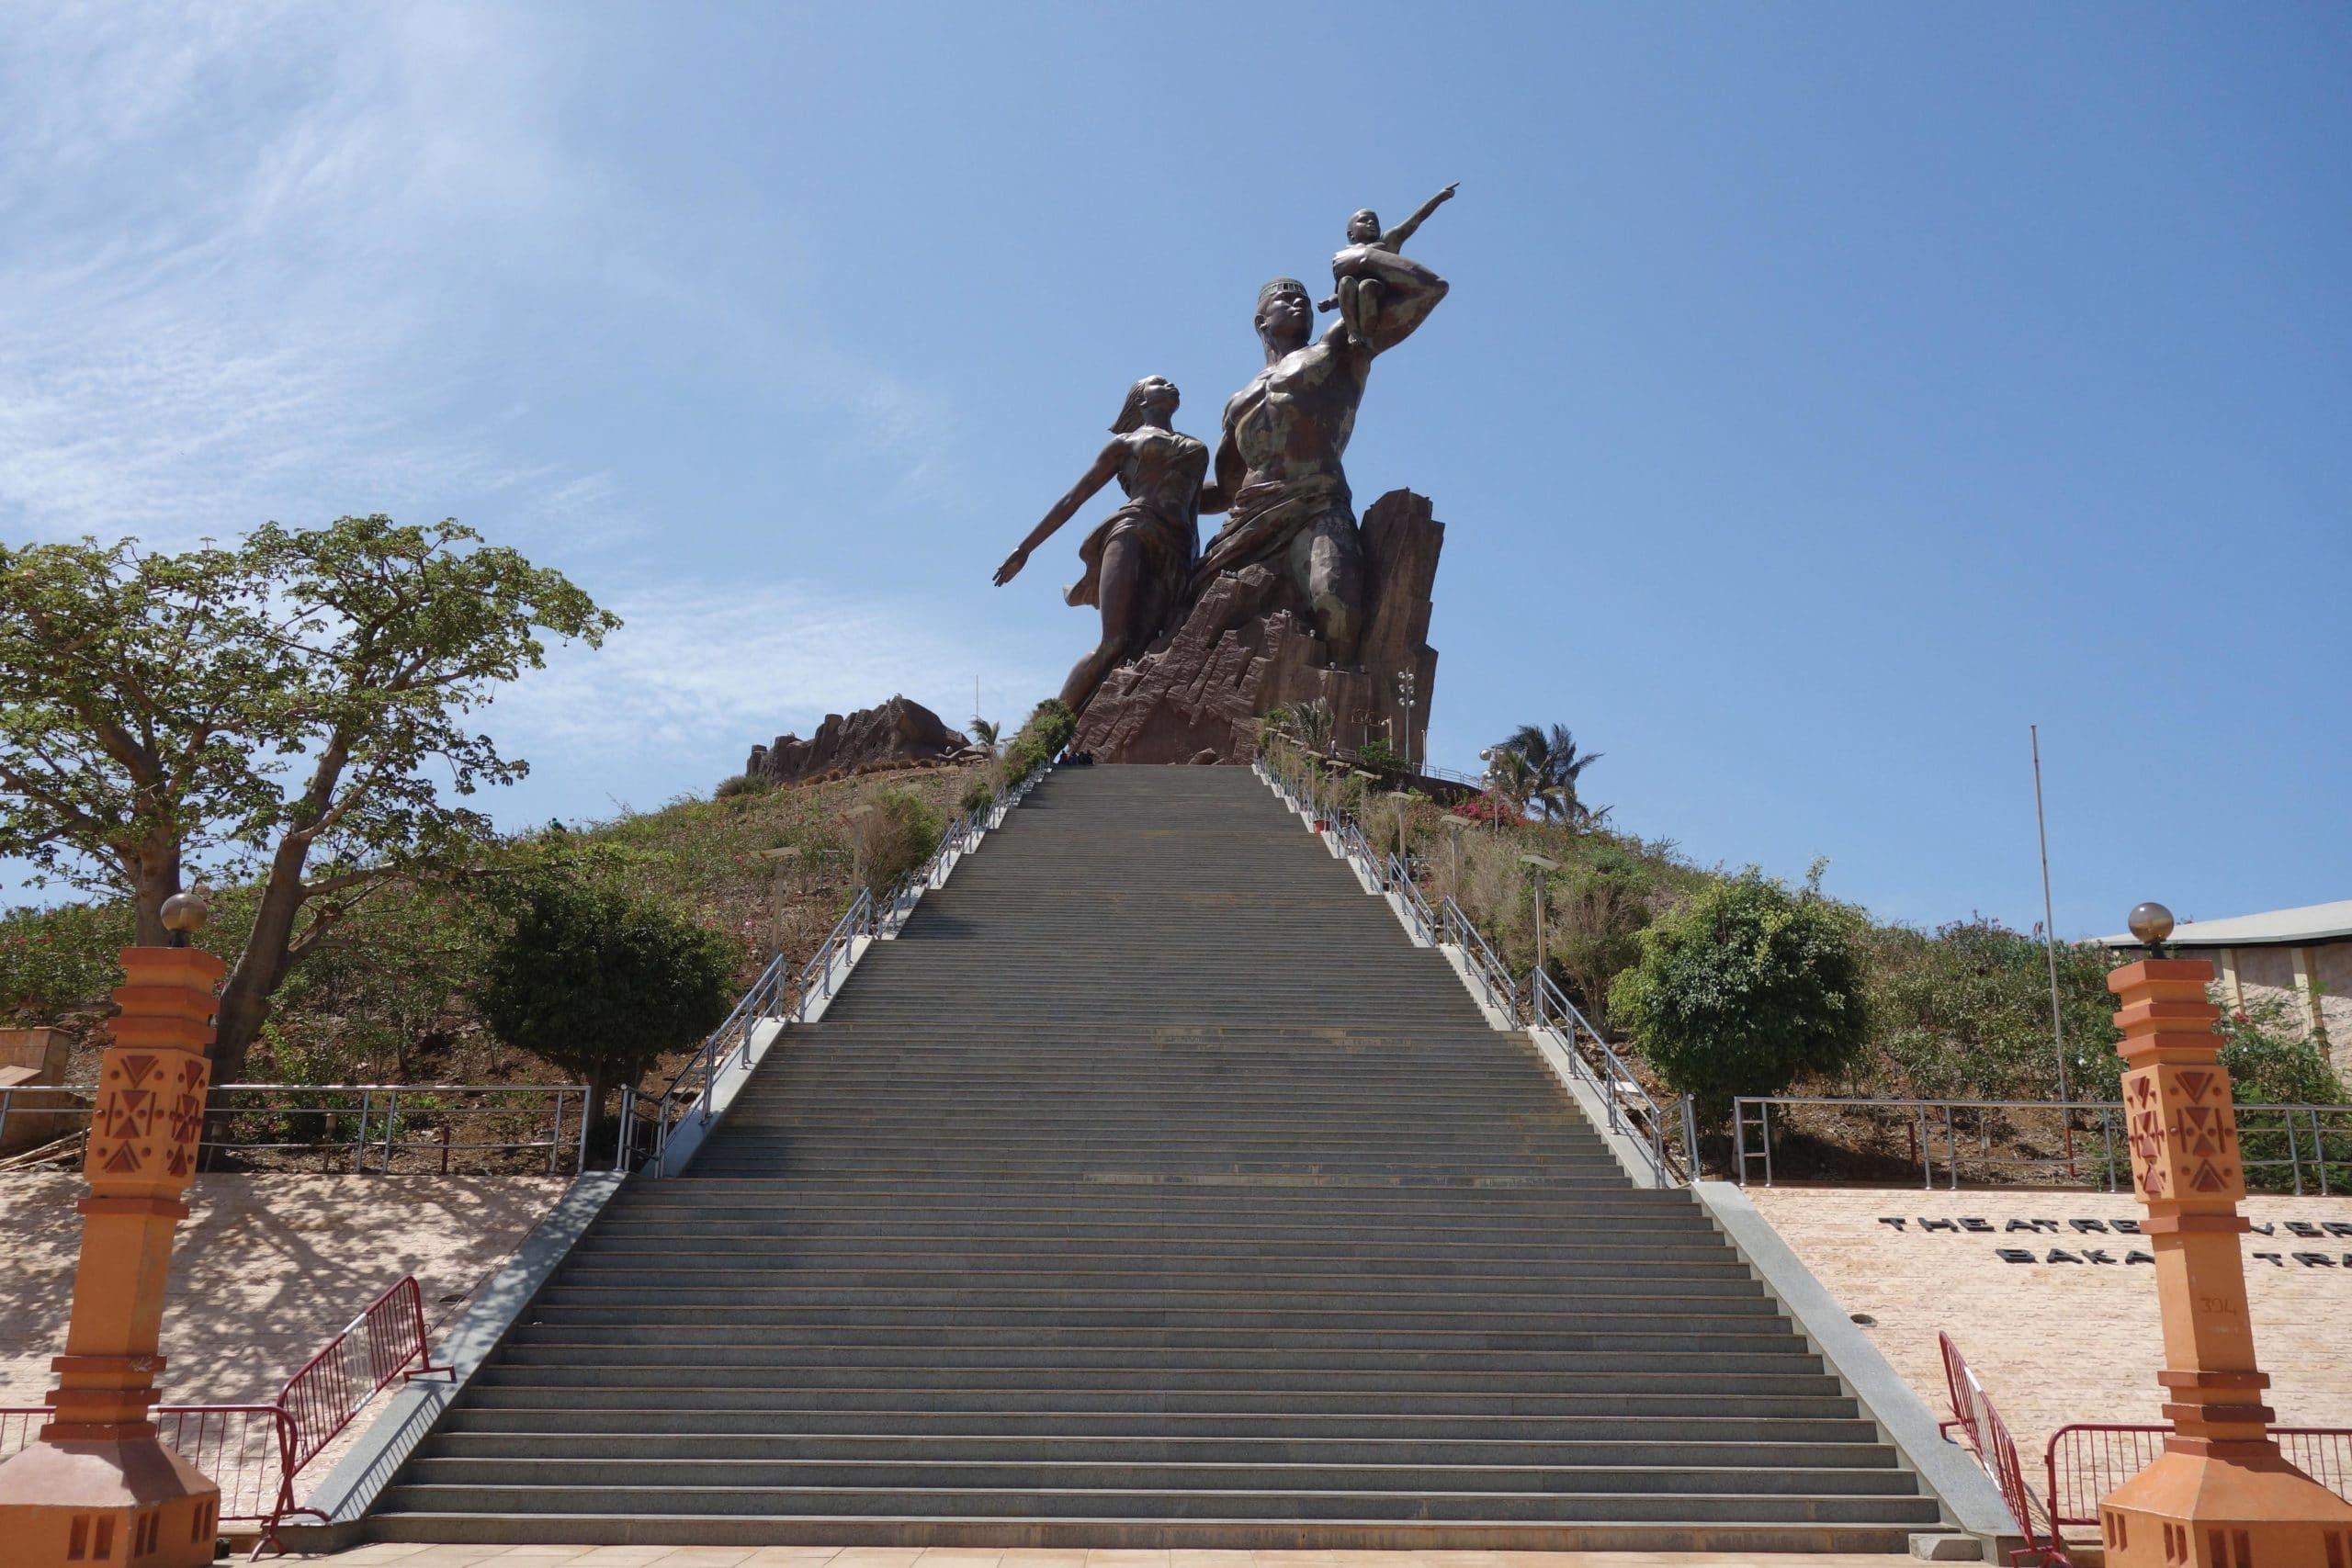 african-renaissance-monument-de-la-renaissance-africaine-senegal